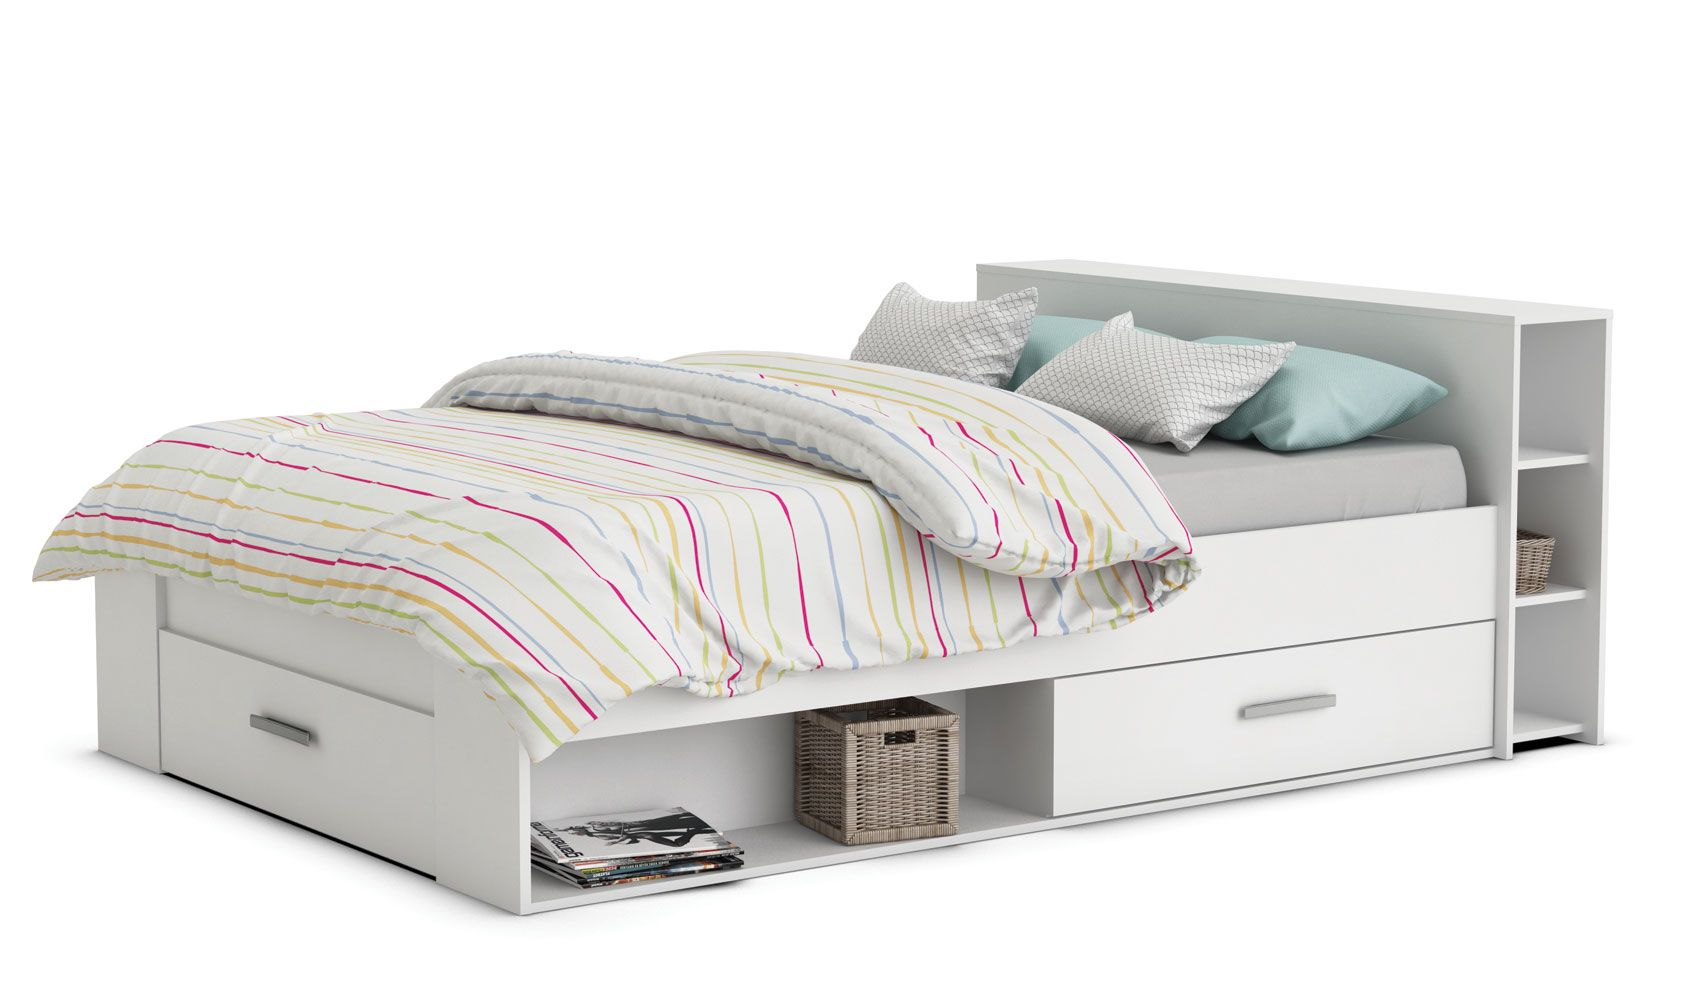 Full Size of Bett 120x200 Ikea Angenehm Stauraum Galerien Kaufen Hamburg 200x200 Weiße Betten Mit Rückenlehne Bettkasten Französische 190x90 220 X Metall Antike Wohnzimmer Bett 120x200 Ikea